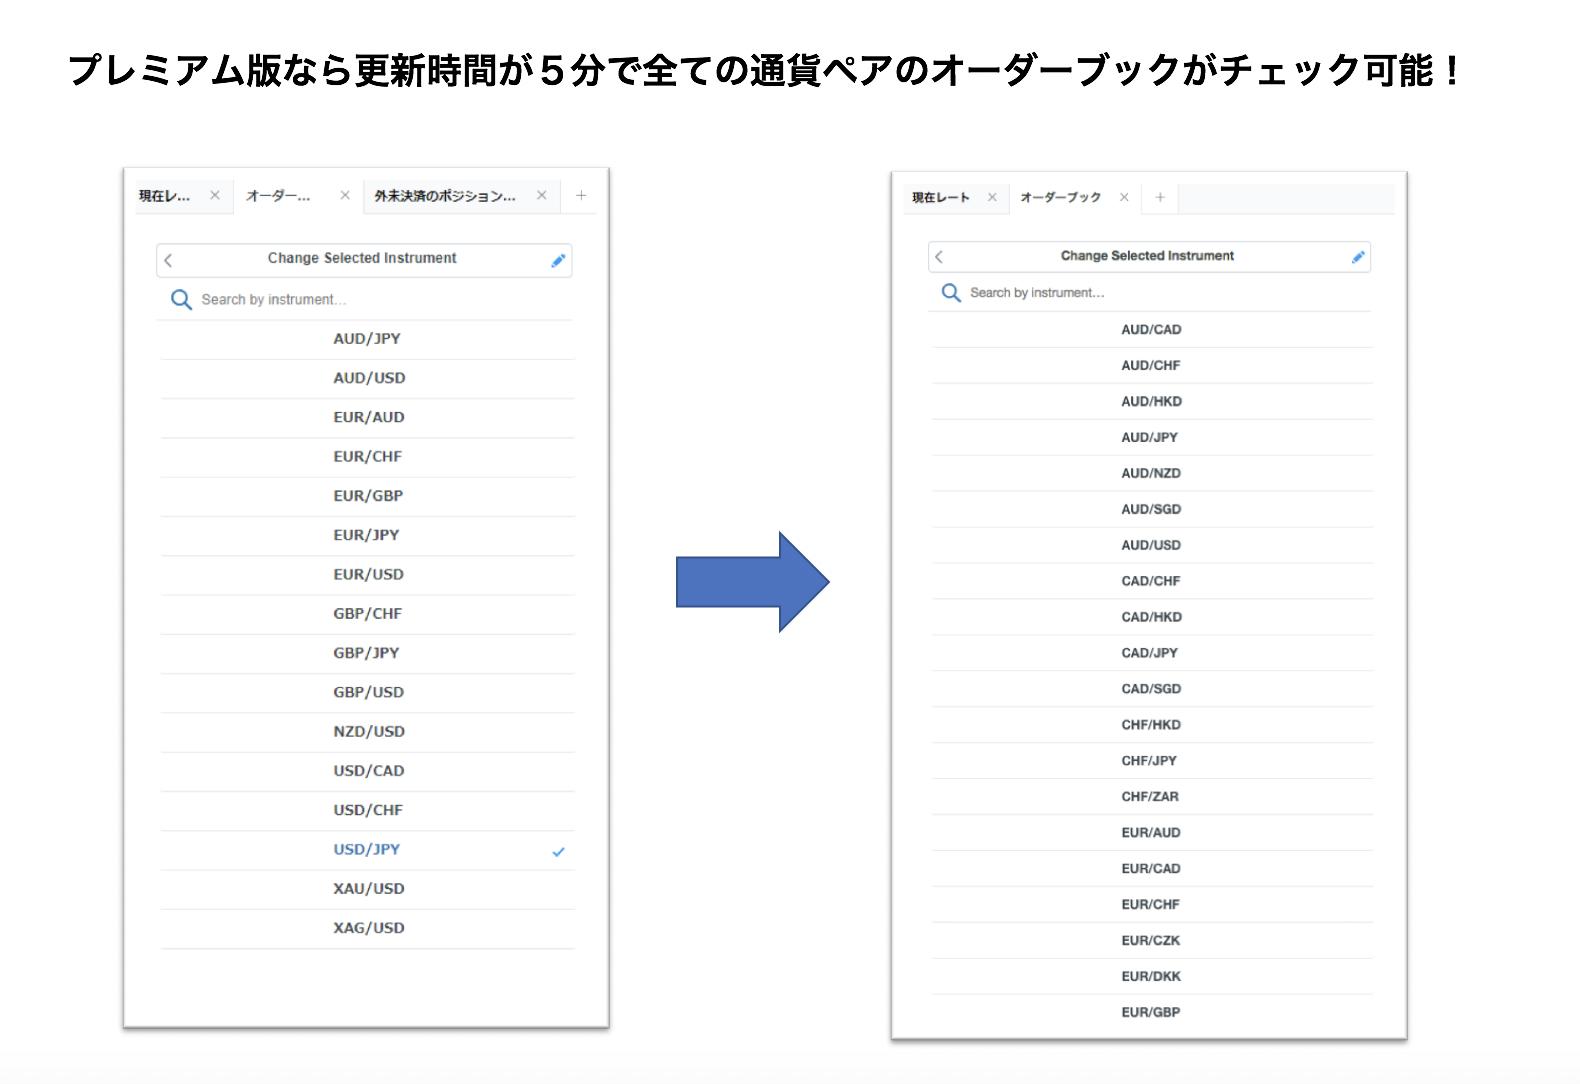 【新機能】Web版のfxTrade上でオーダーブックがチェック可能に